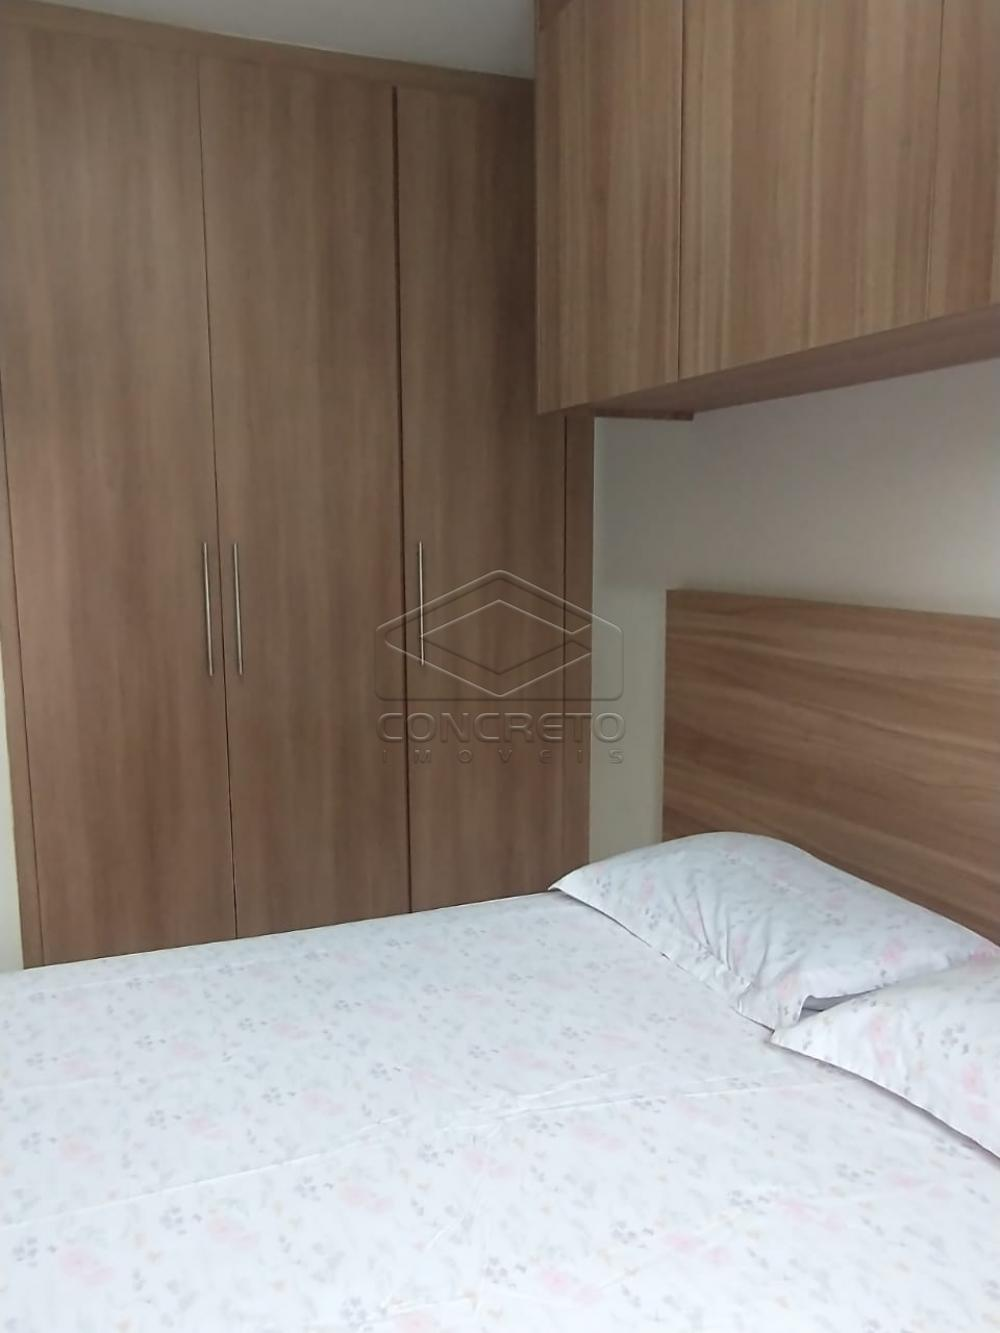 Comprar Apartamento / Padrão em Bauru R$ 230.000,00 - Foto 14